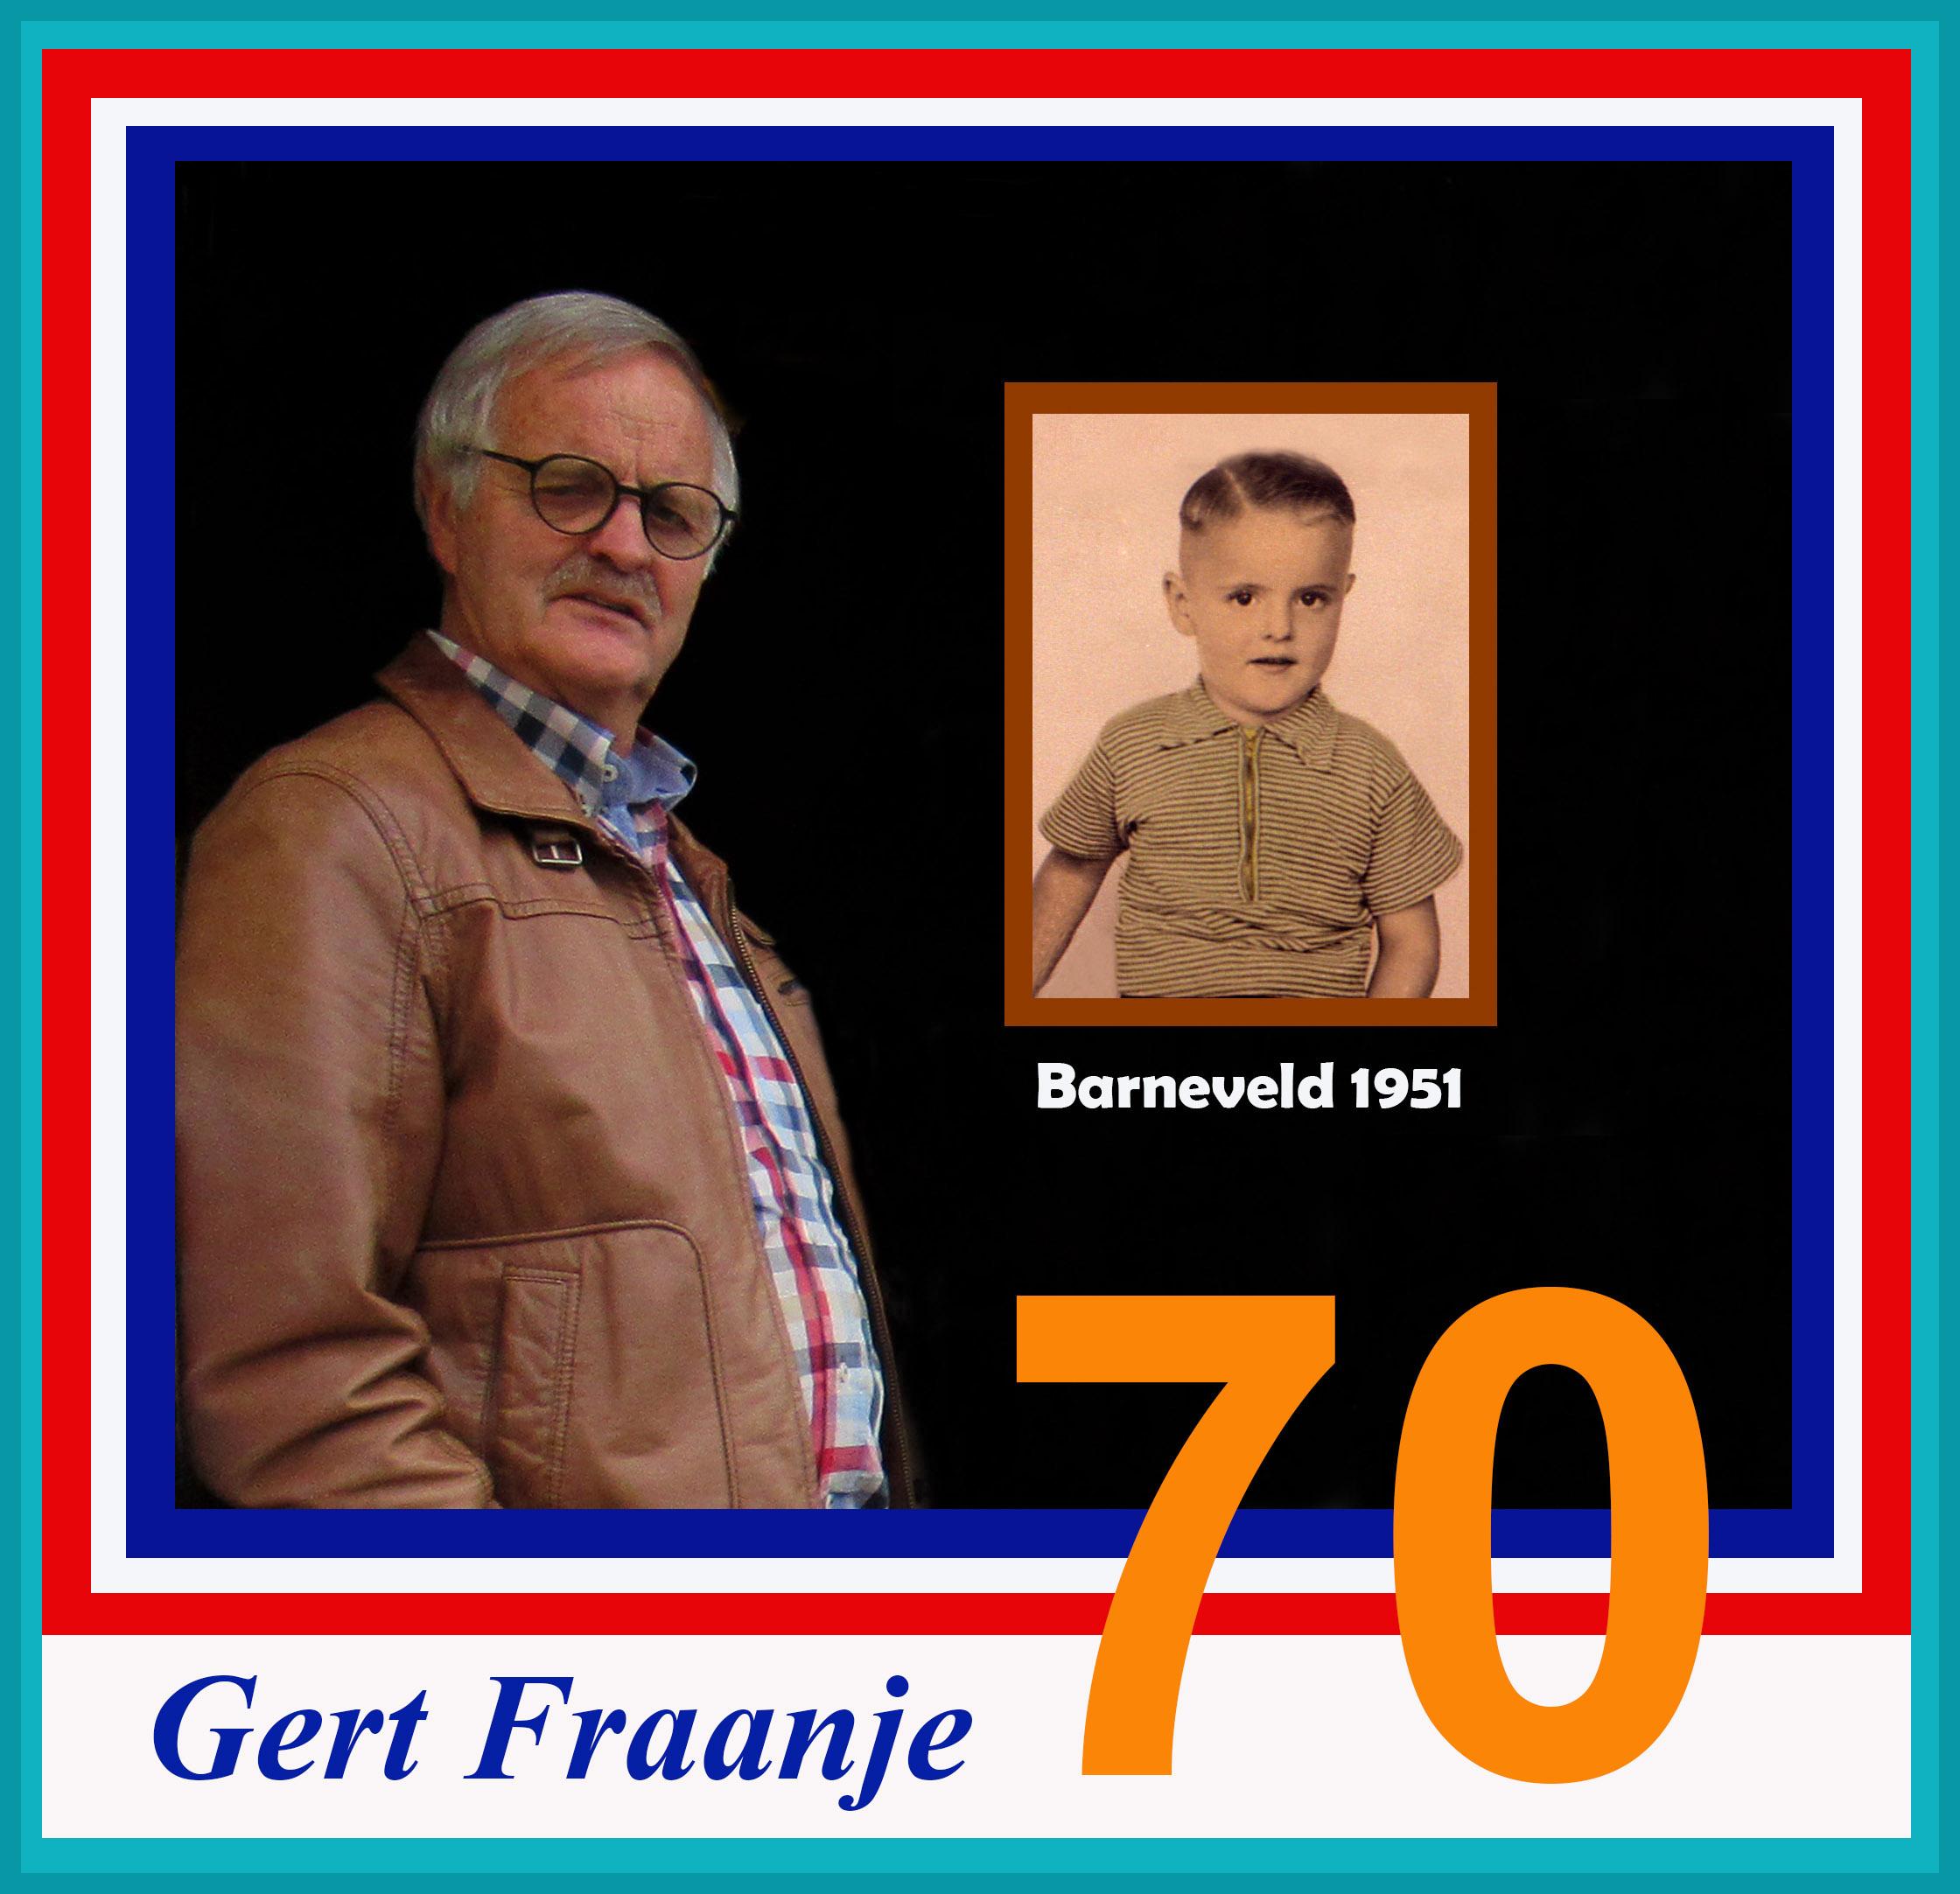 Mijn broer Gert op zijn 70e verjaardag en het kleine broertje in 1951 - Foto: ©Louis Fraanje